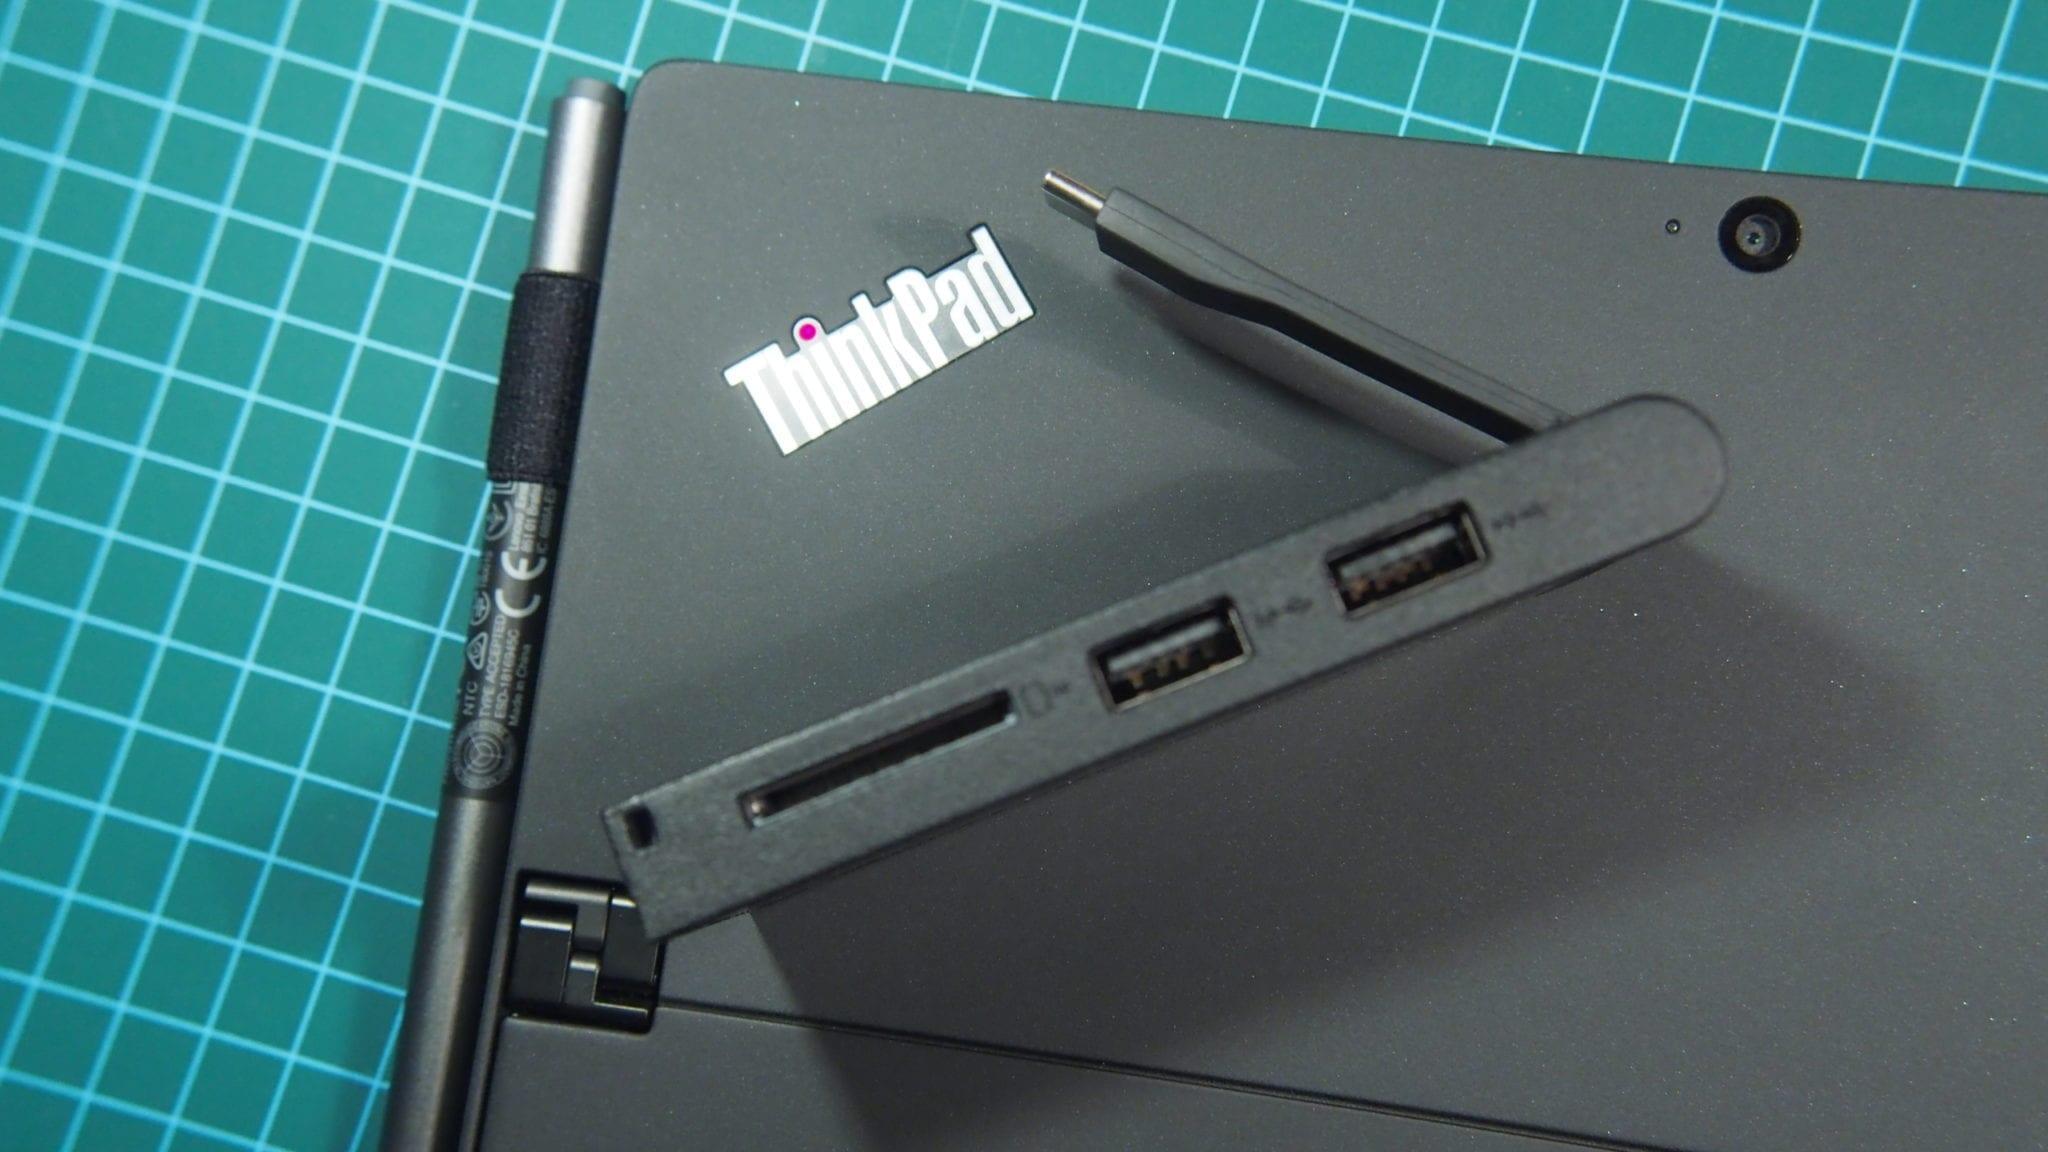 הרכזת שבאה עם היא קטנה וחמודה בגודל של שתי חפיסות מסטיק ארוך, אבל עם כמות מכובדת של שקעים: שני שקעי USB 3.1 מסורתיים, שקע HDMI, קוראי כרטיסים ל-SD ומיקרו-SD (בנפרד), ואפילו שקע USB-C עם טעינה חולפת, מה שאומר שתוכלו לטעון את המחשב גם אם שקע ה-USB-C השני תפוס מסיבה כזו או אחרת. יפה מאוד.